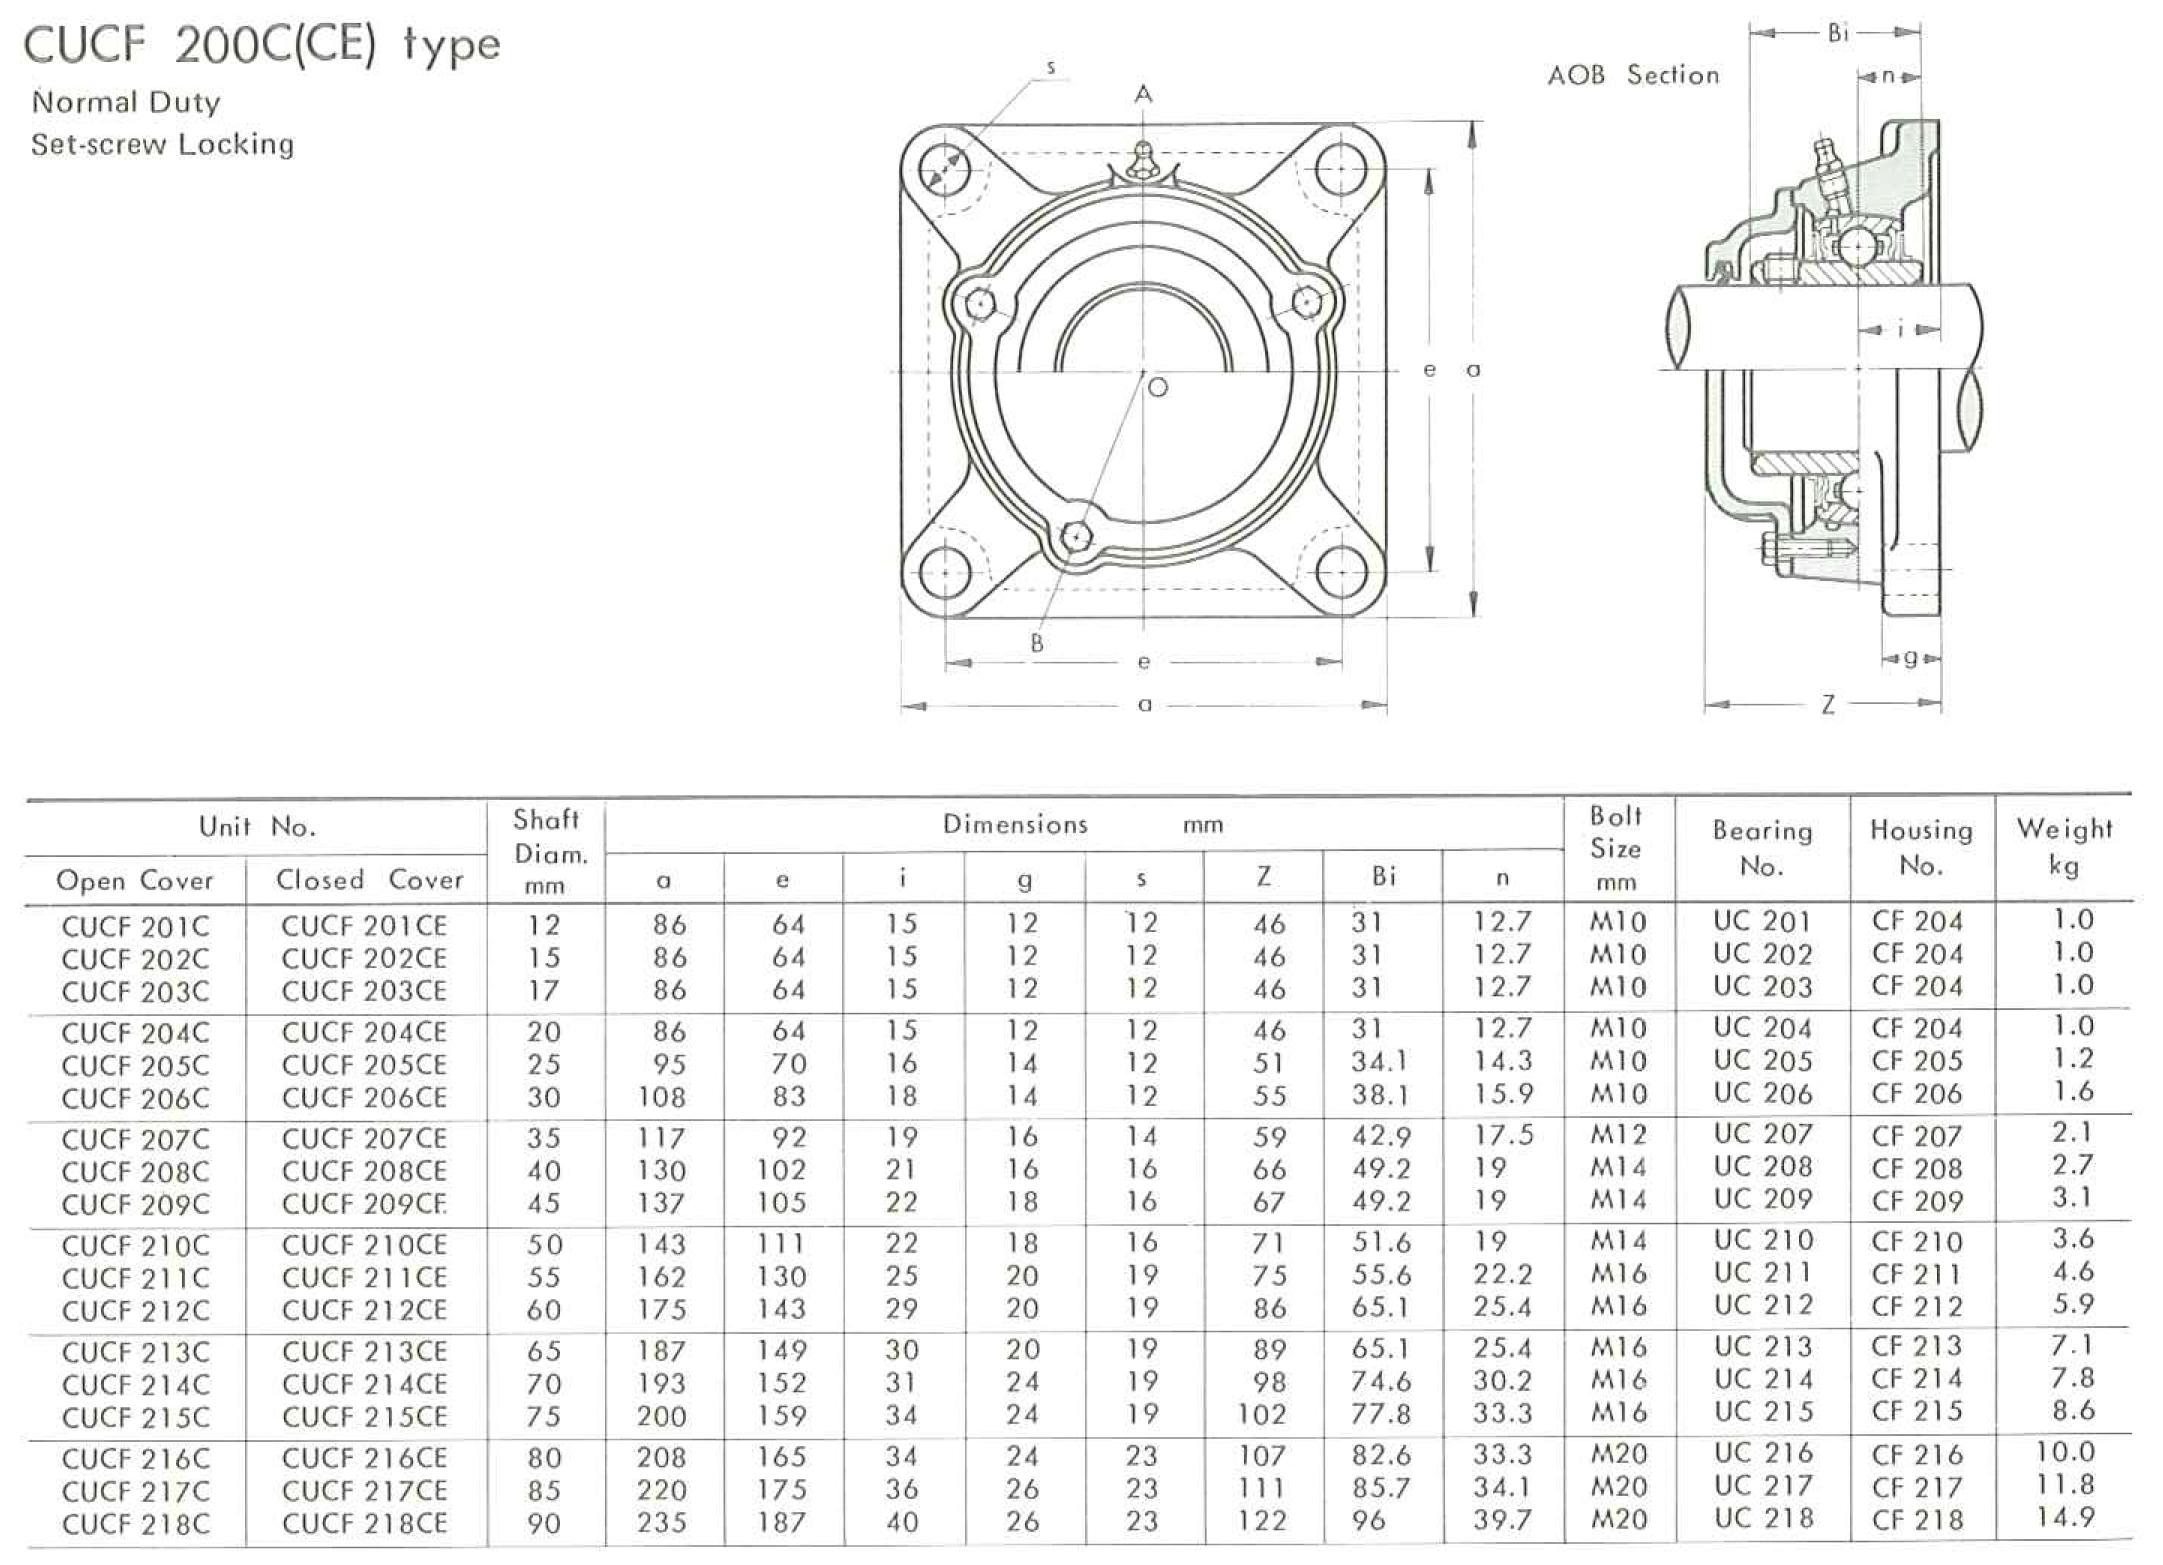 CUCF200C(E) rozměry